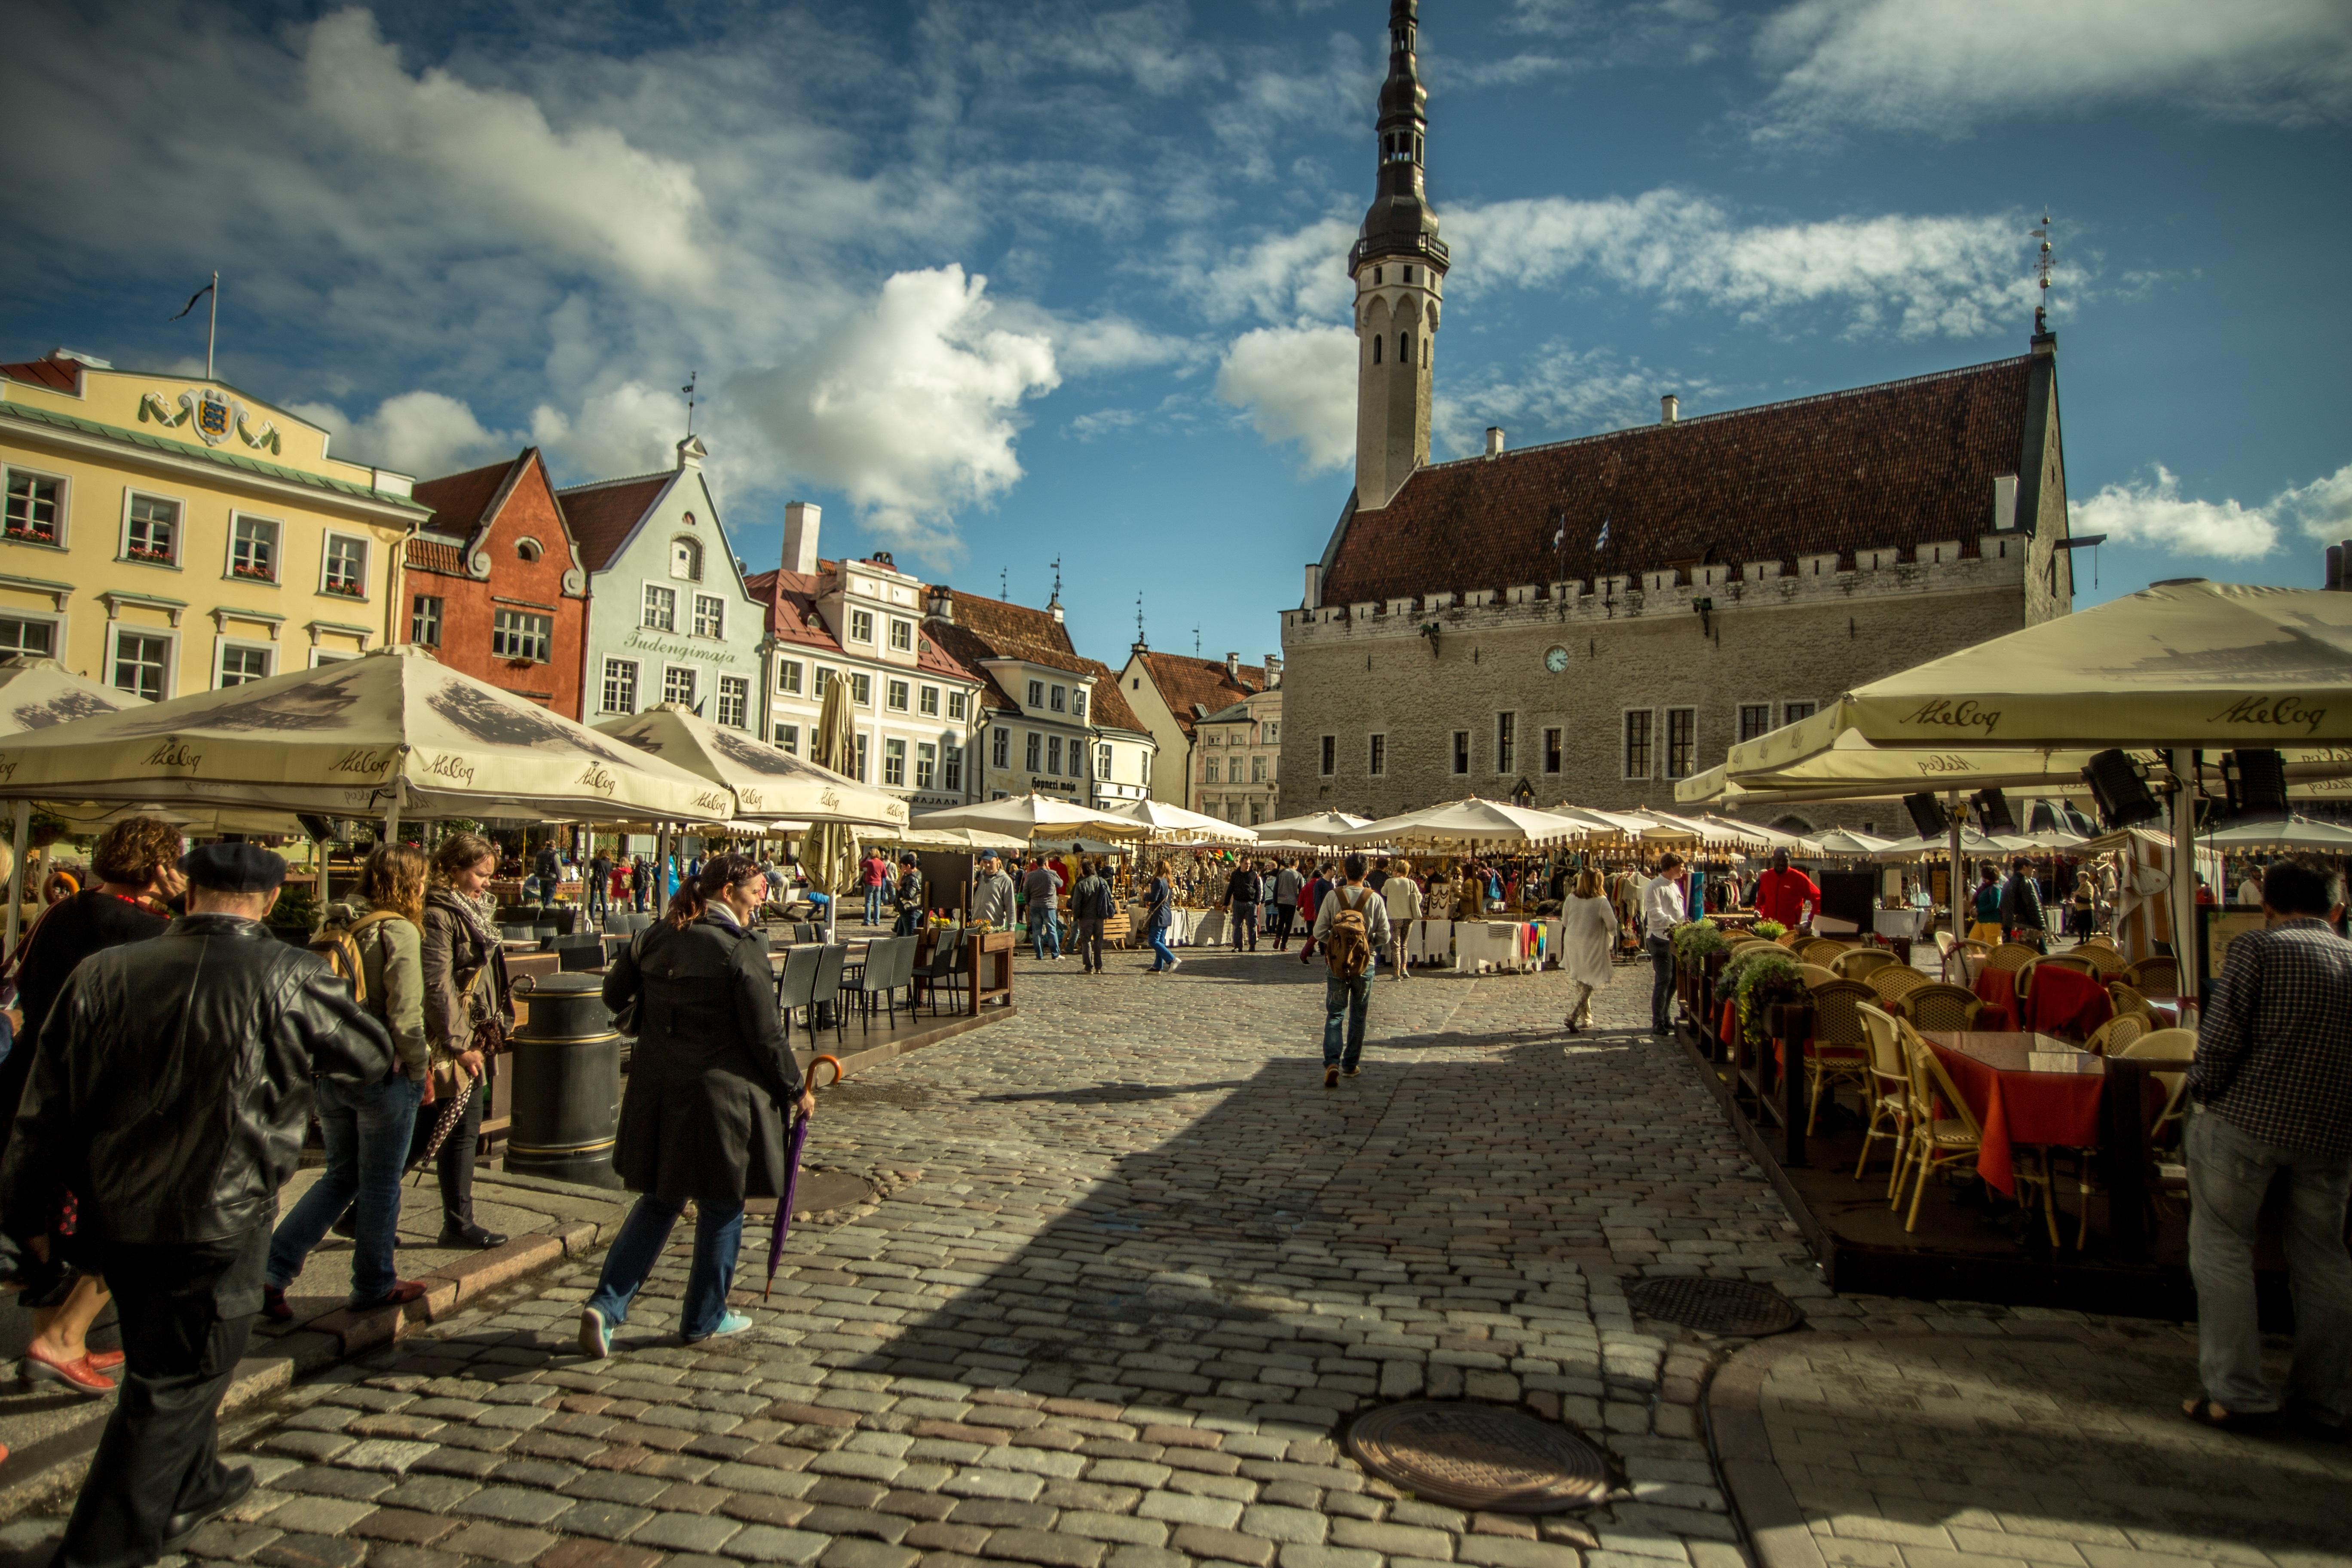 эстония сегодня фото это